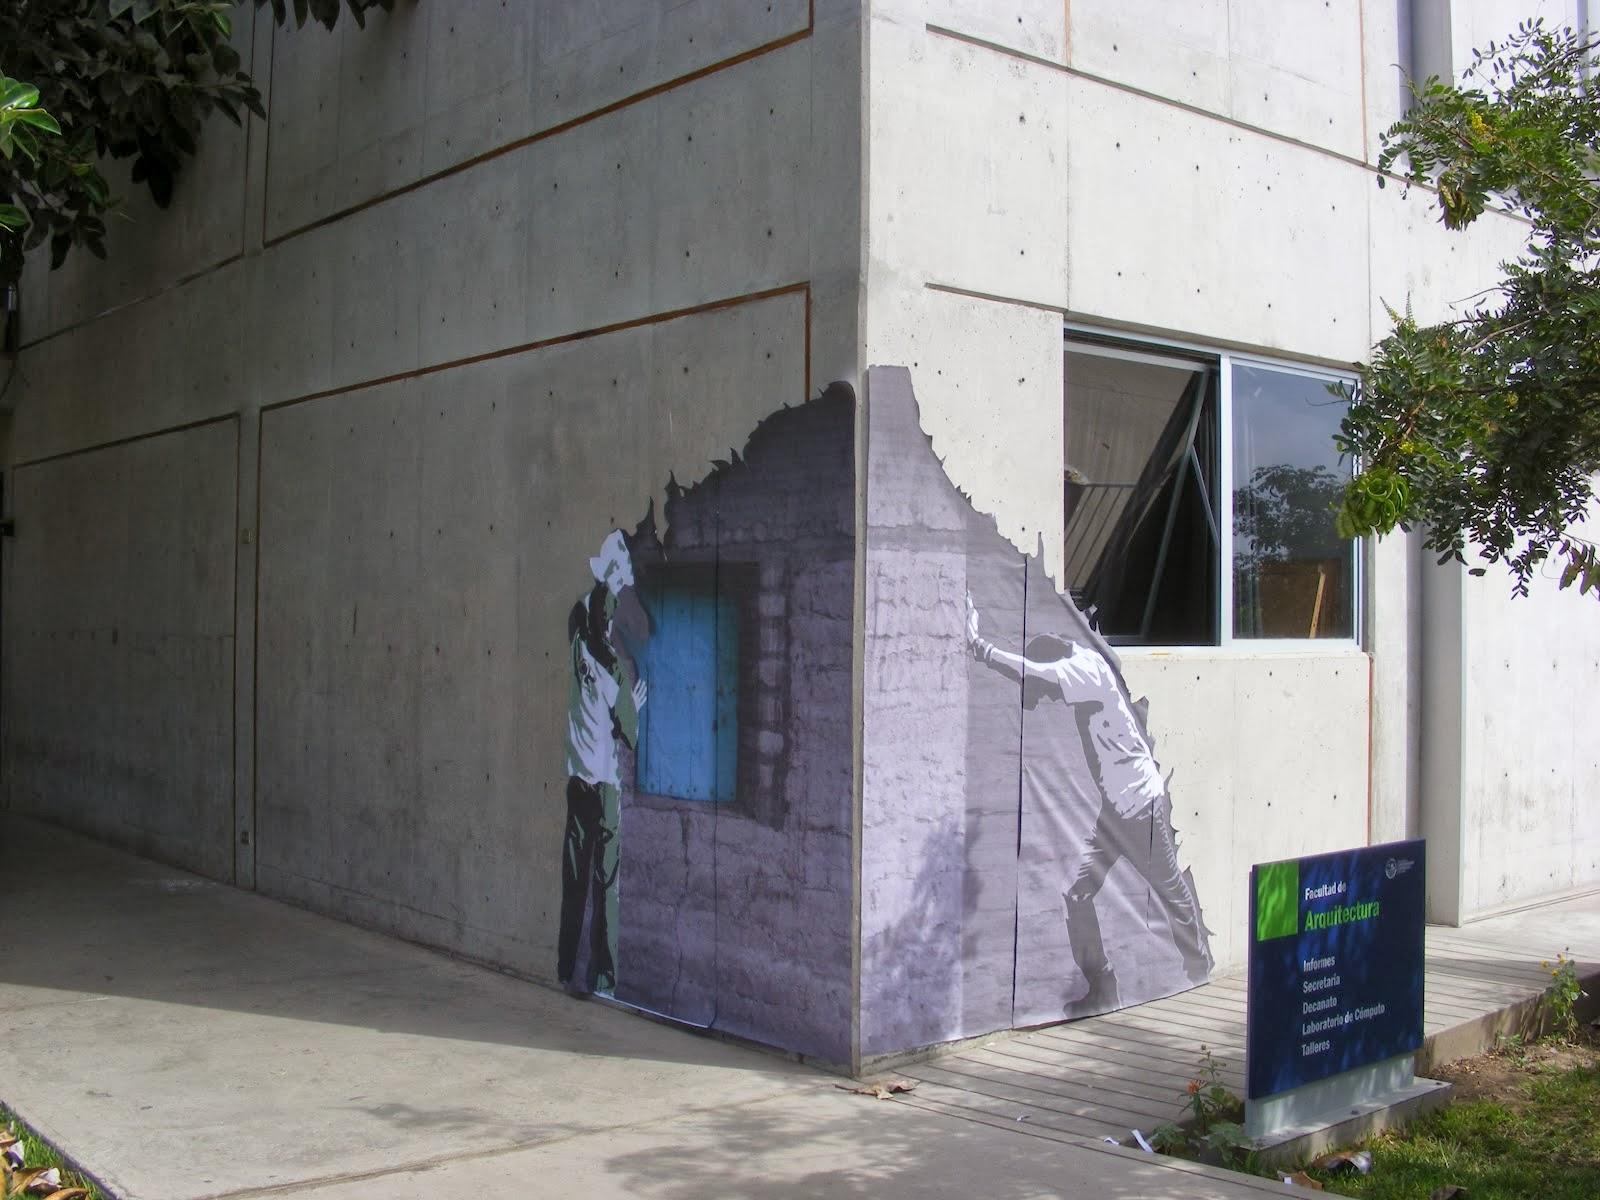 3. Collage y ciudad | ARTE CON CIUDAD 2012-1